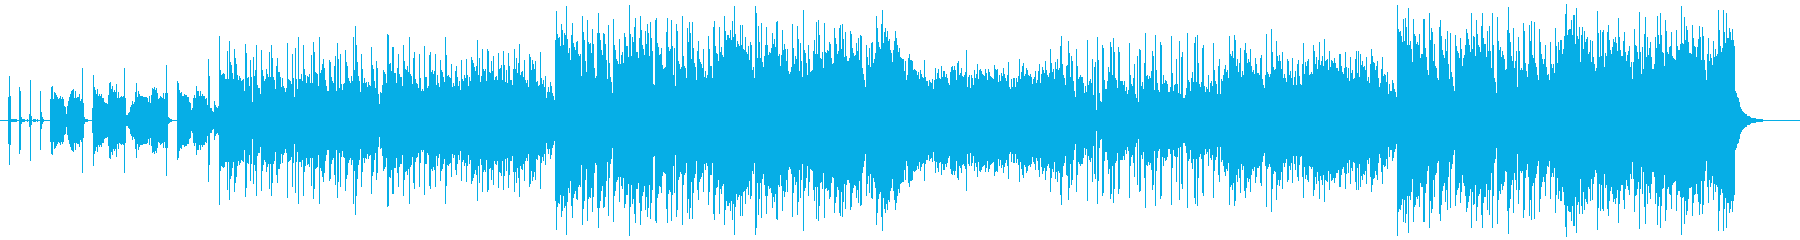 エレピとサックスで奏でるアダルトなR&Bの再生済みの波形